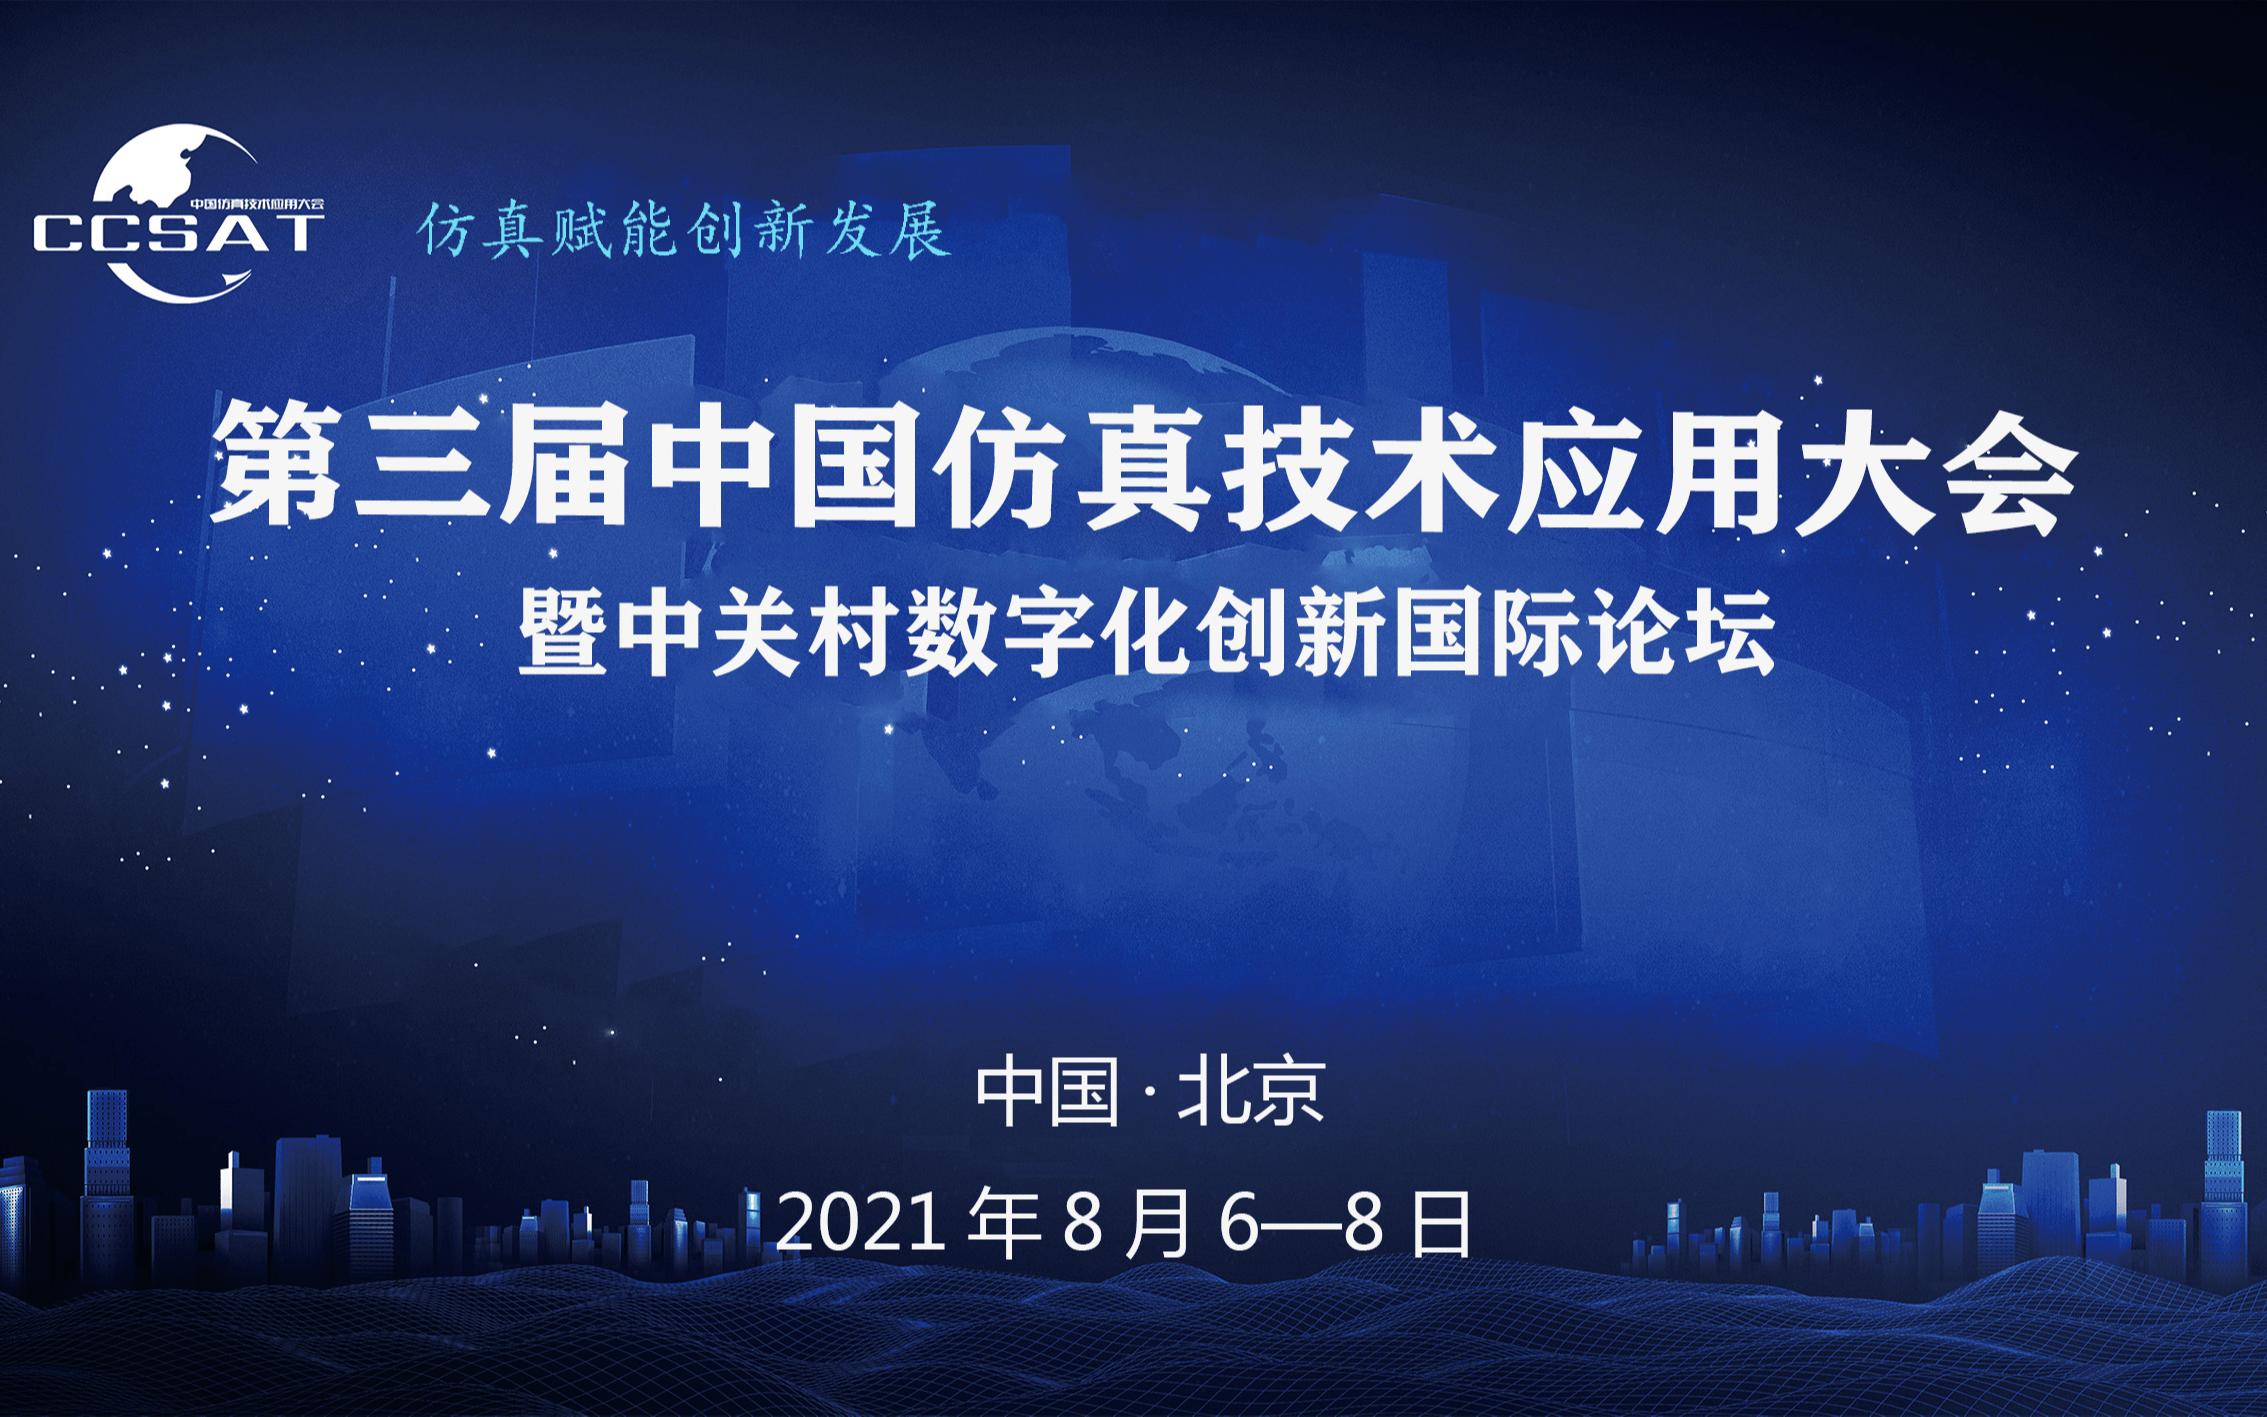 第三届仿真技术应用大会暨中关村数字化创新国际论坛